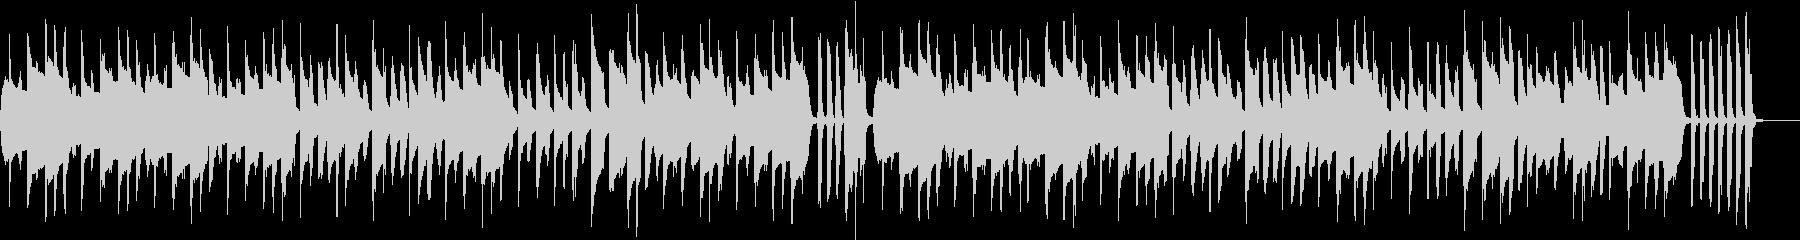 ユーチューバー御用達BGM 動画配信最適の未再生の波形